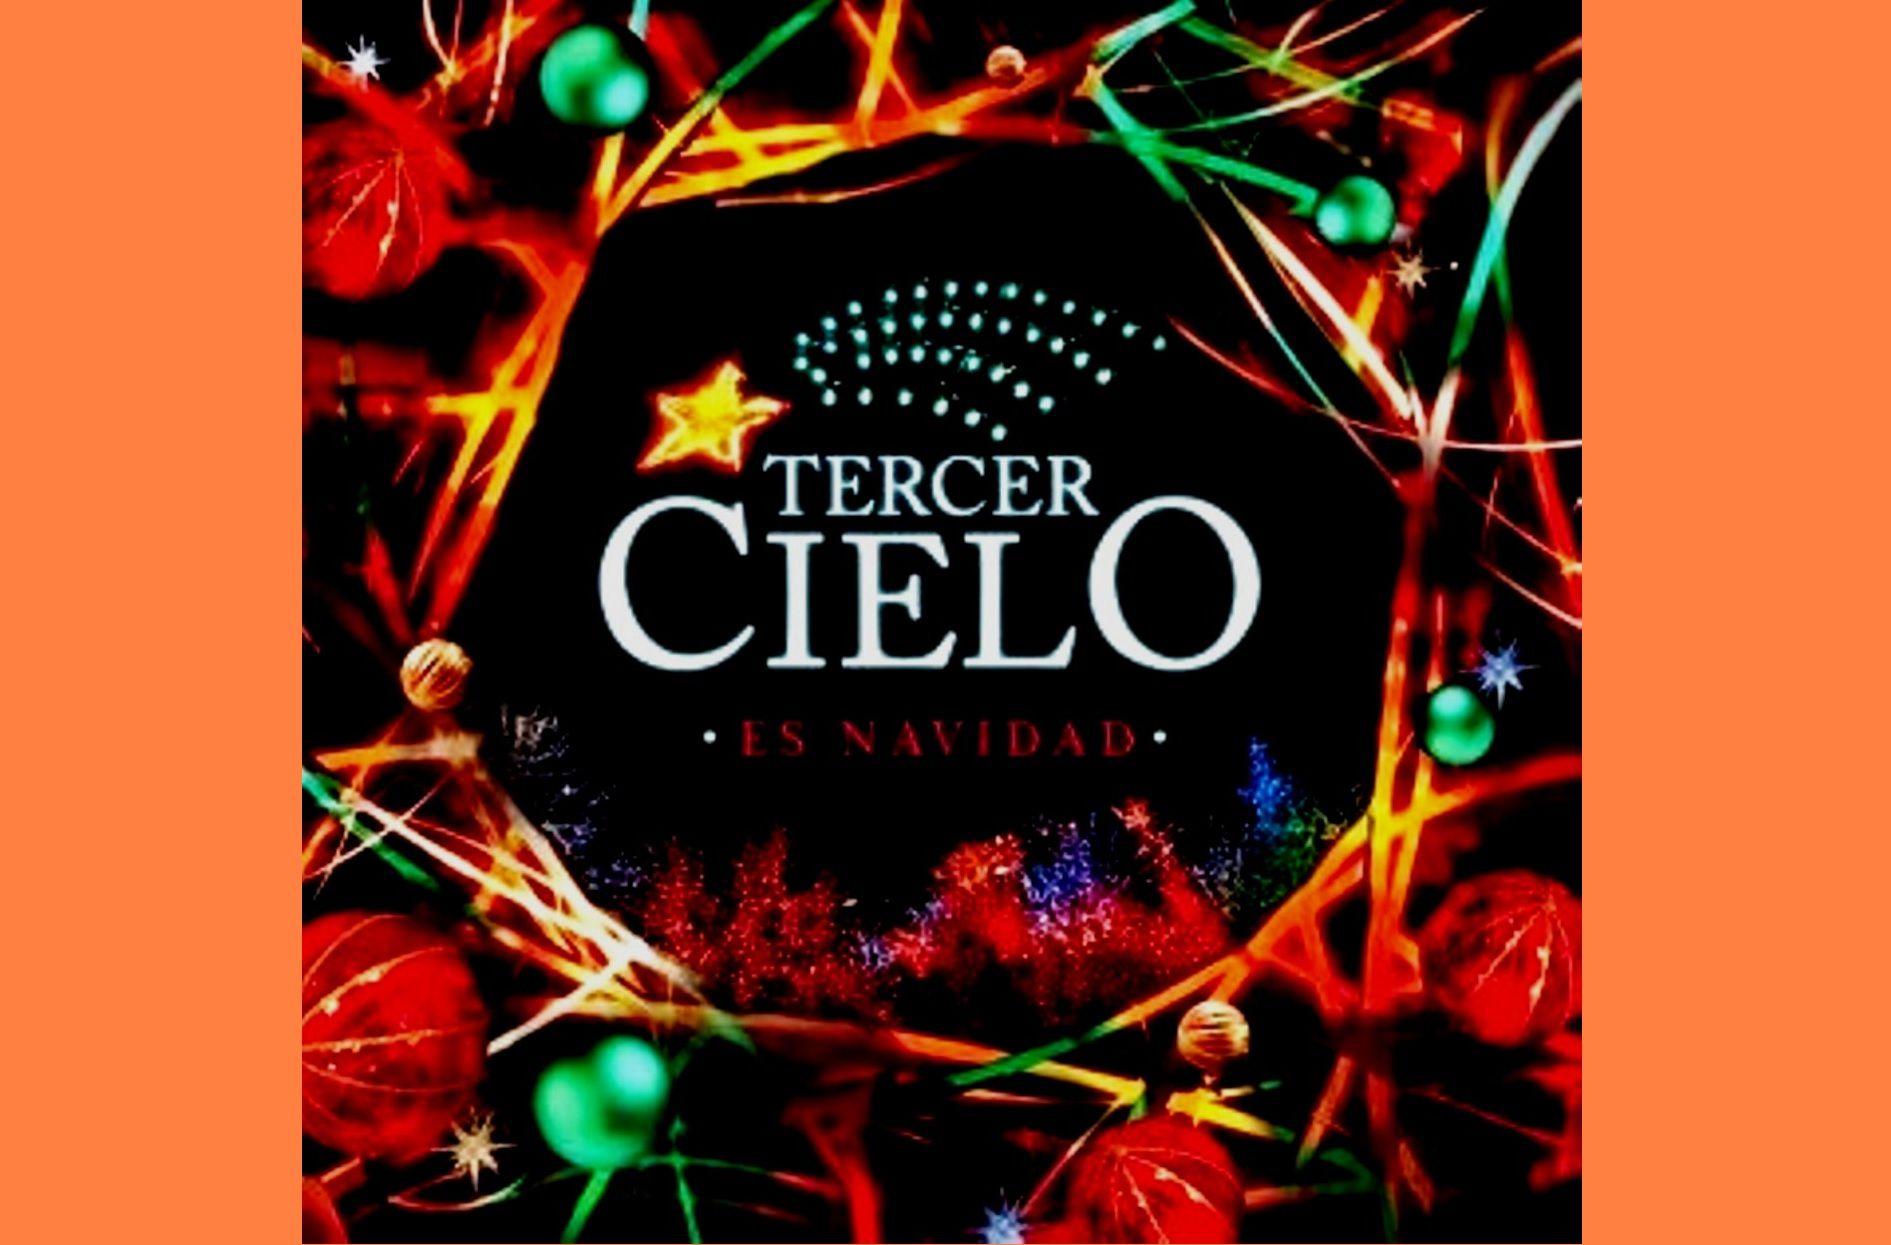 Feliz Navidad Cancion Original.10 Canciones Cristianas De Navidad En Espanol